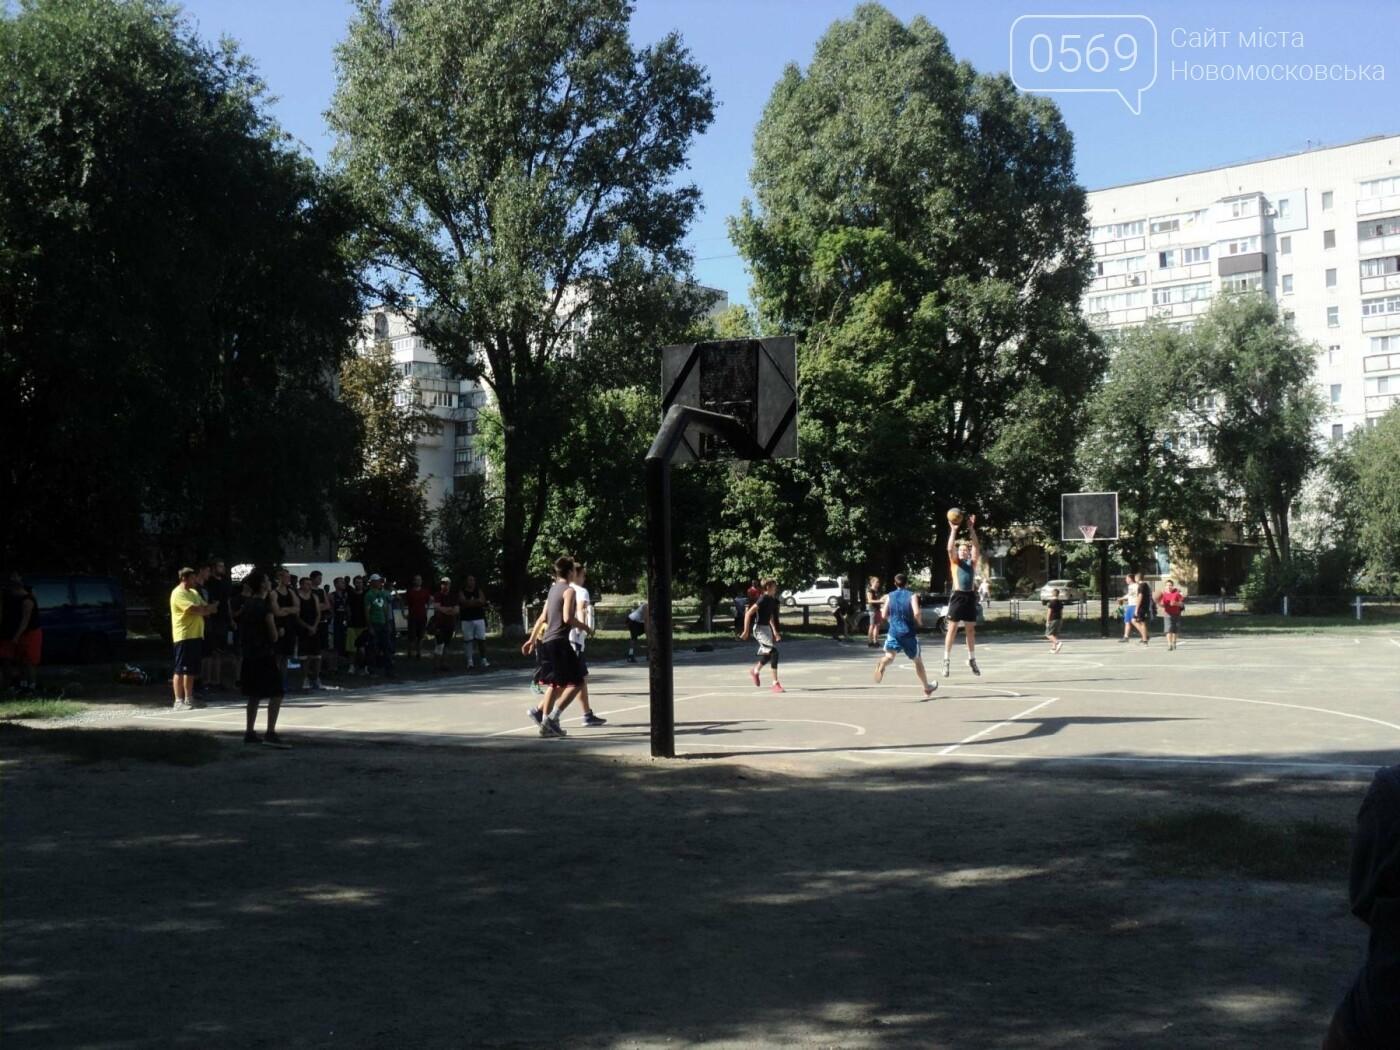 В Новомосковську пройшов міський турнір зі стрітболу, фото-2